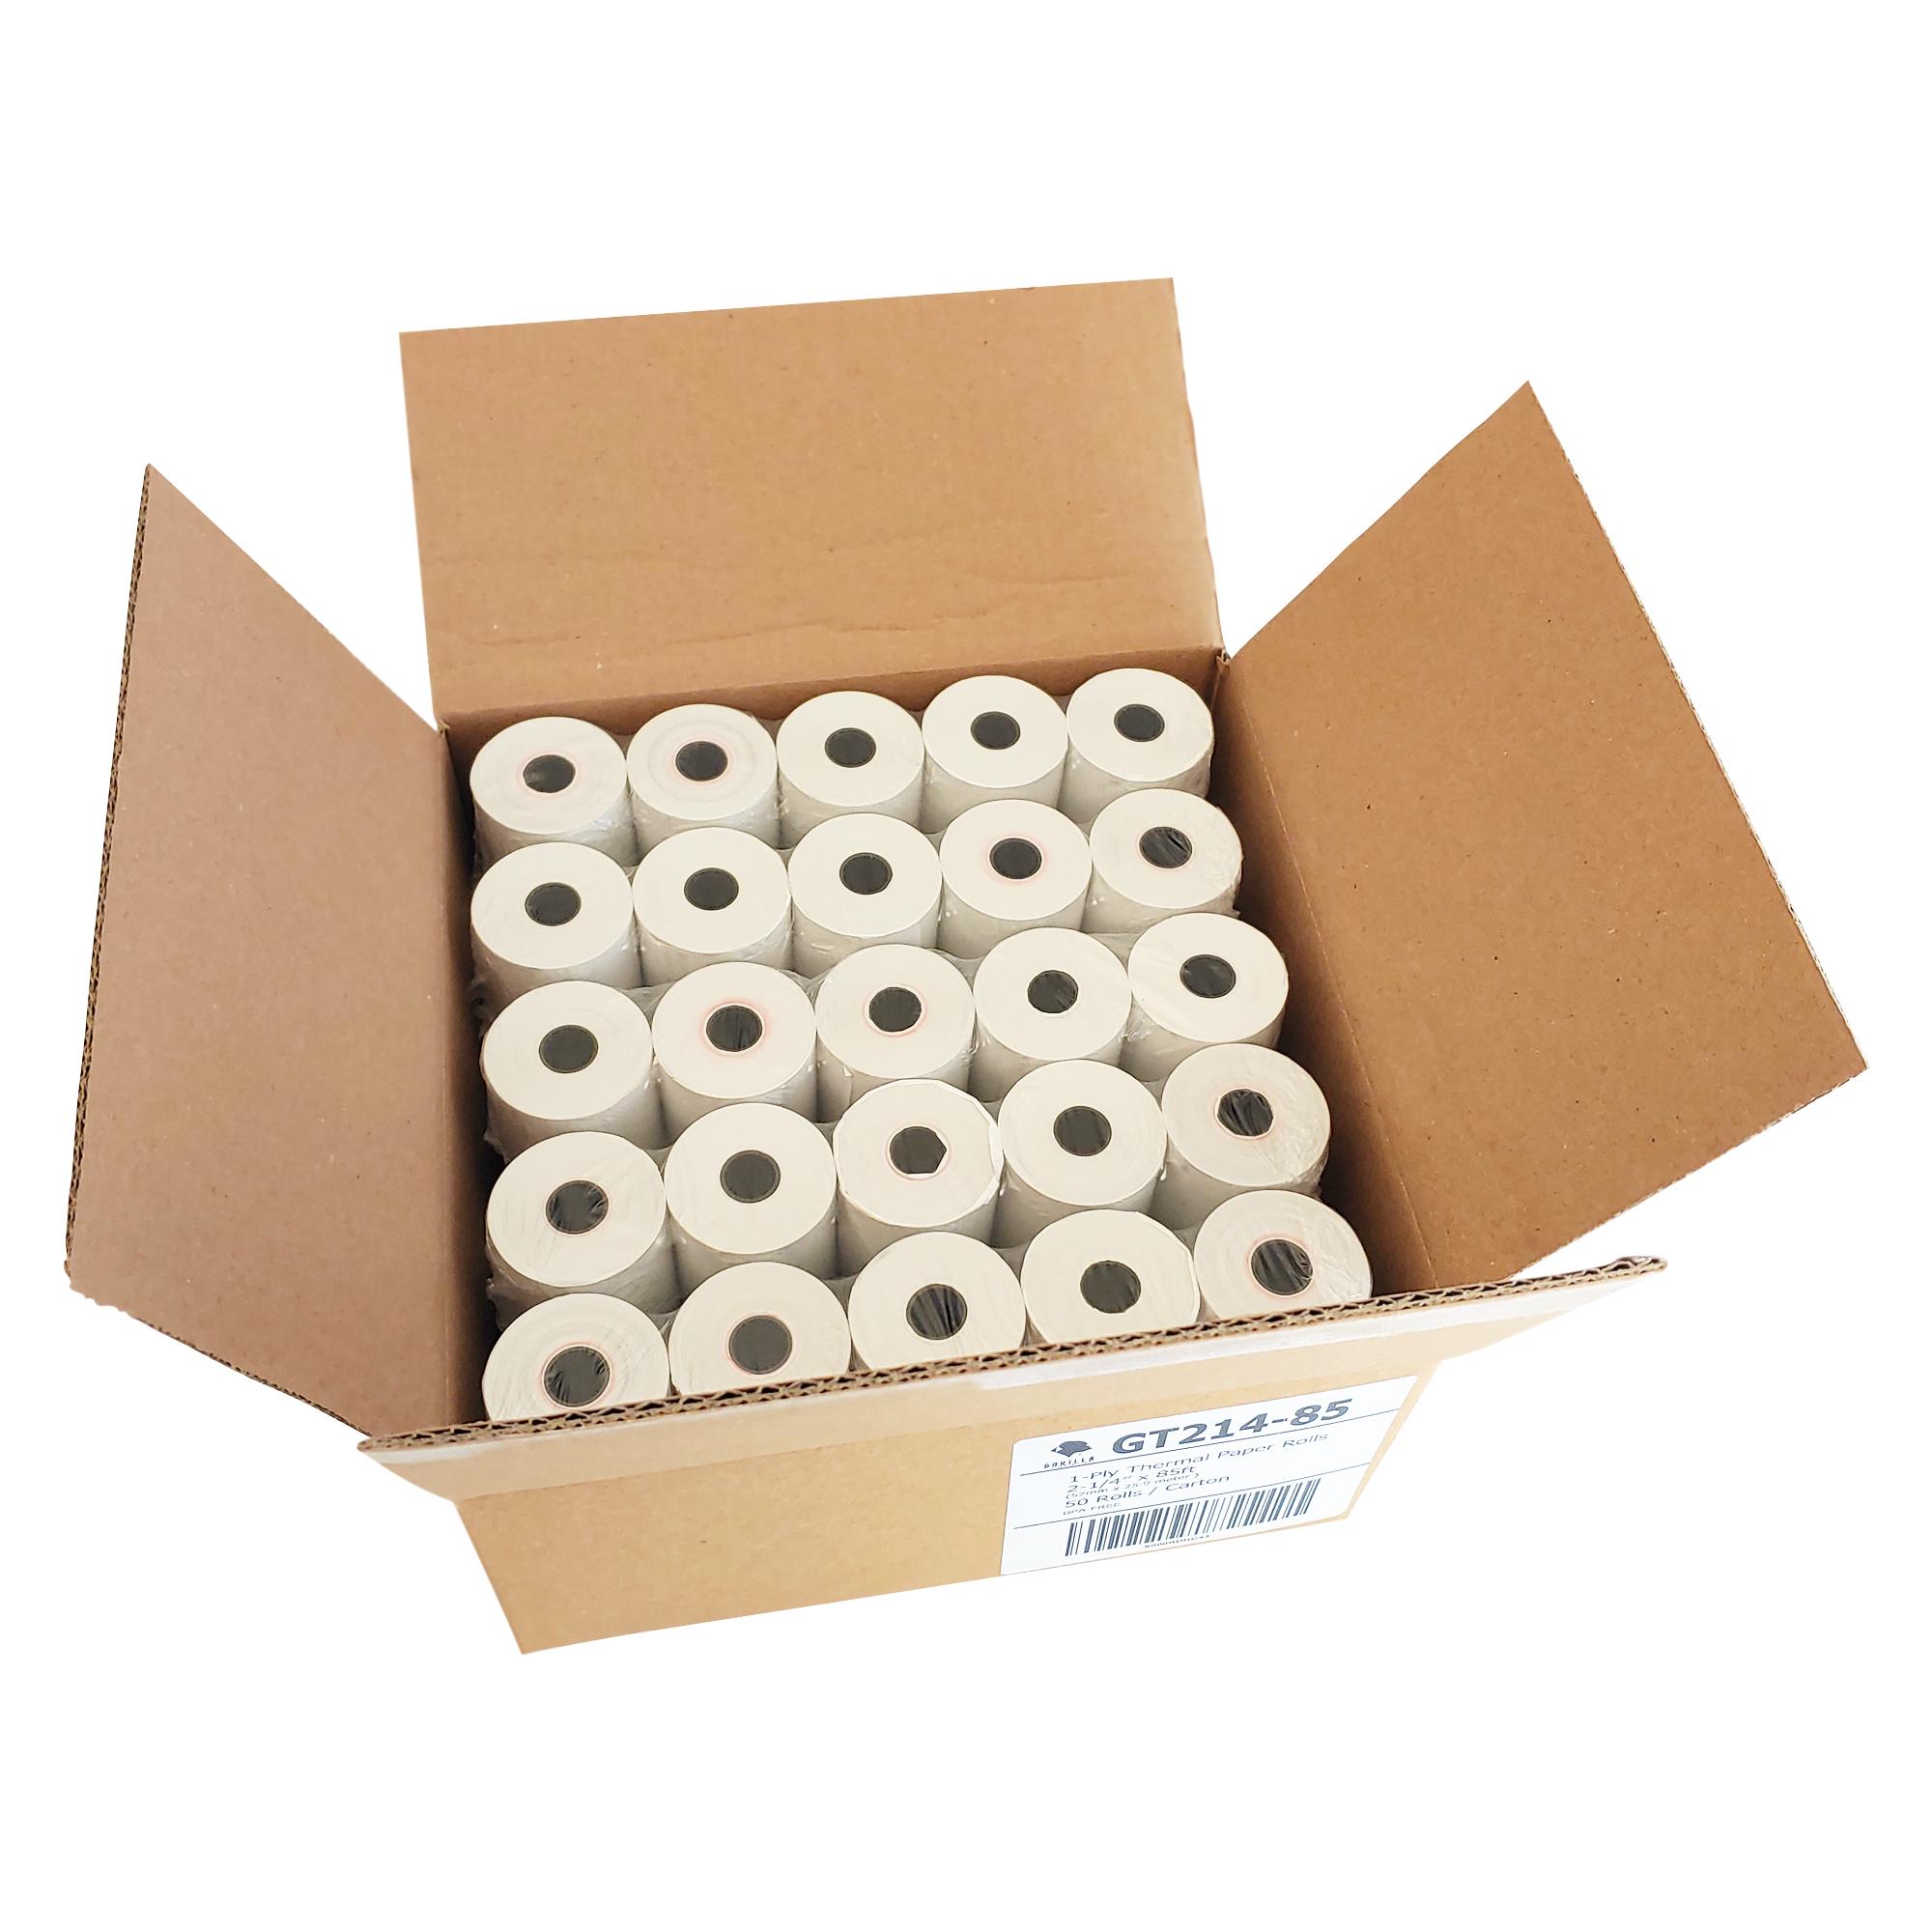 50 Per Case Verifone//Hypercom//Nurit 2 1//4 X 85 Thermal Paper Rolls